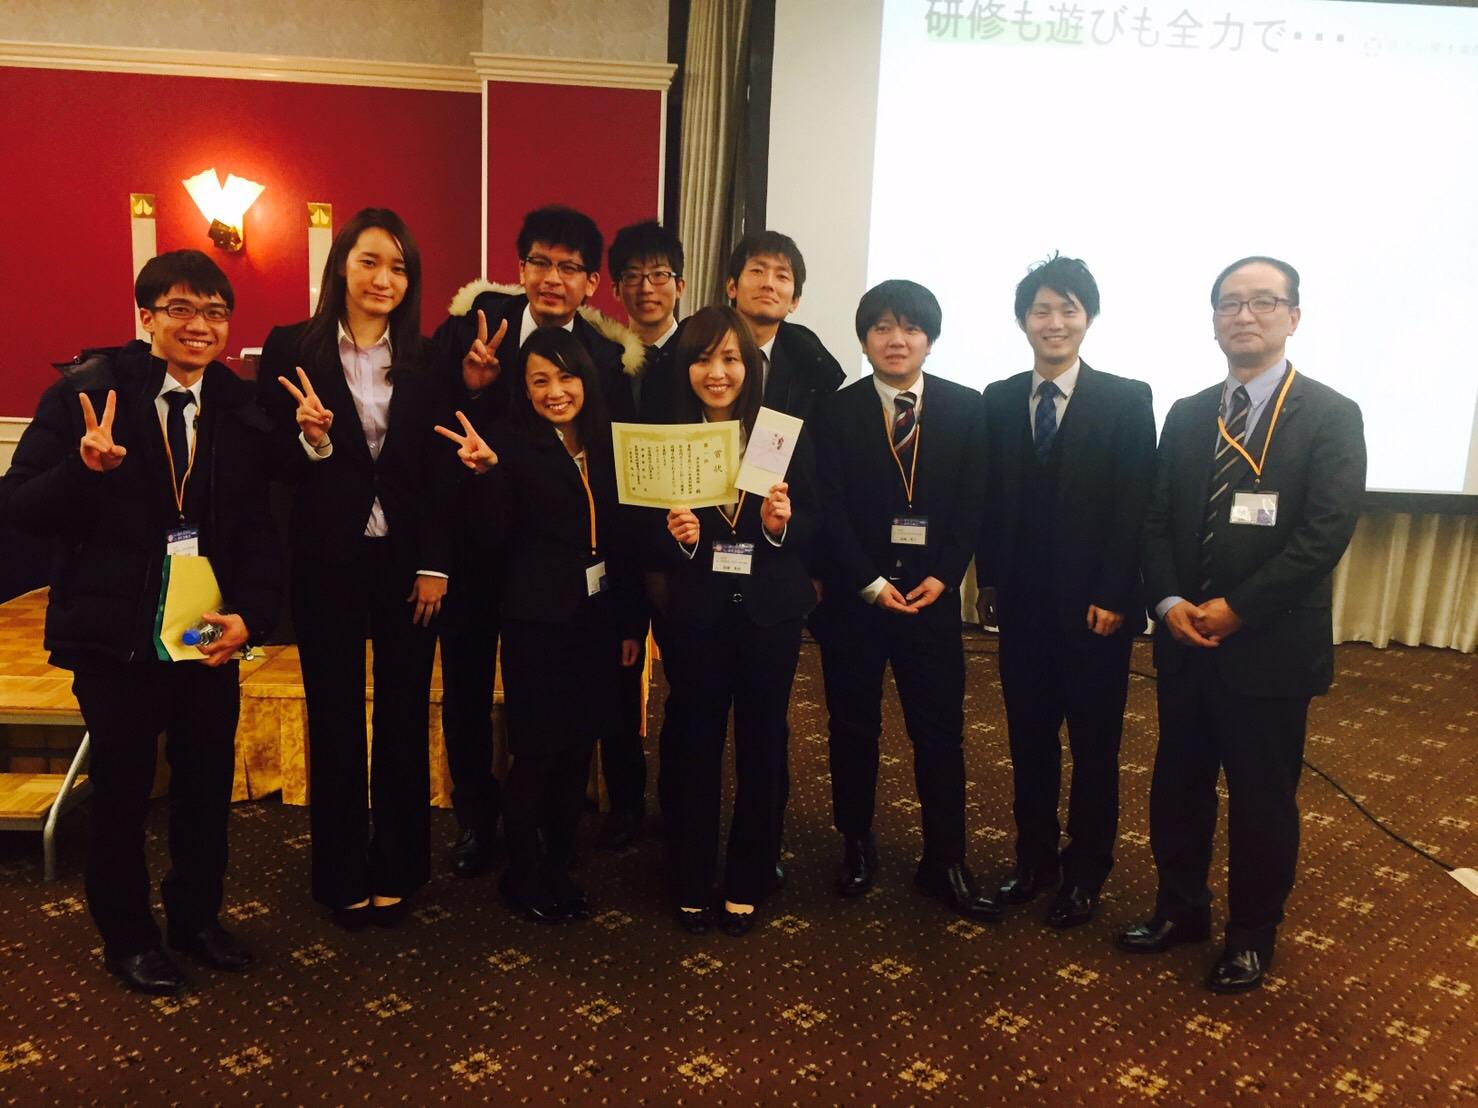 済生会初期研修医のための合同セミナーと済生会学会に参加しました!